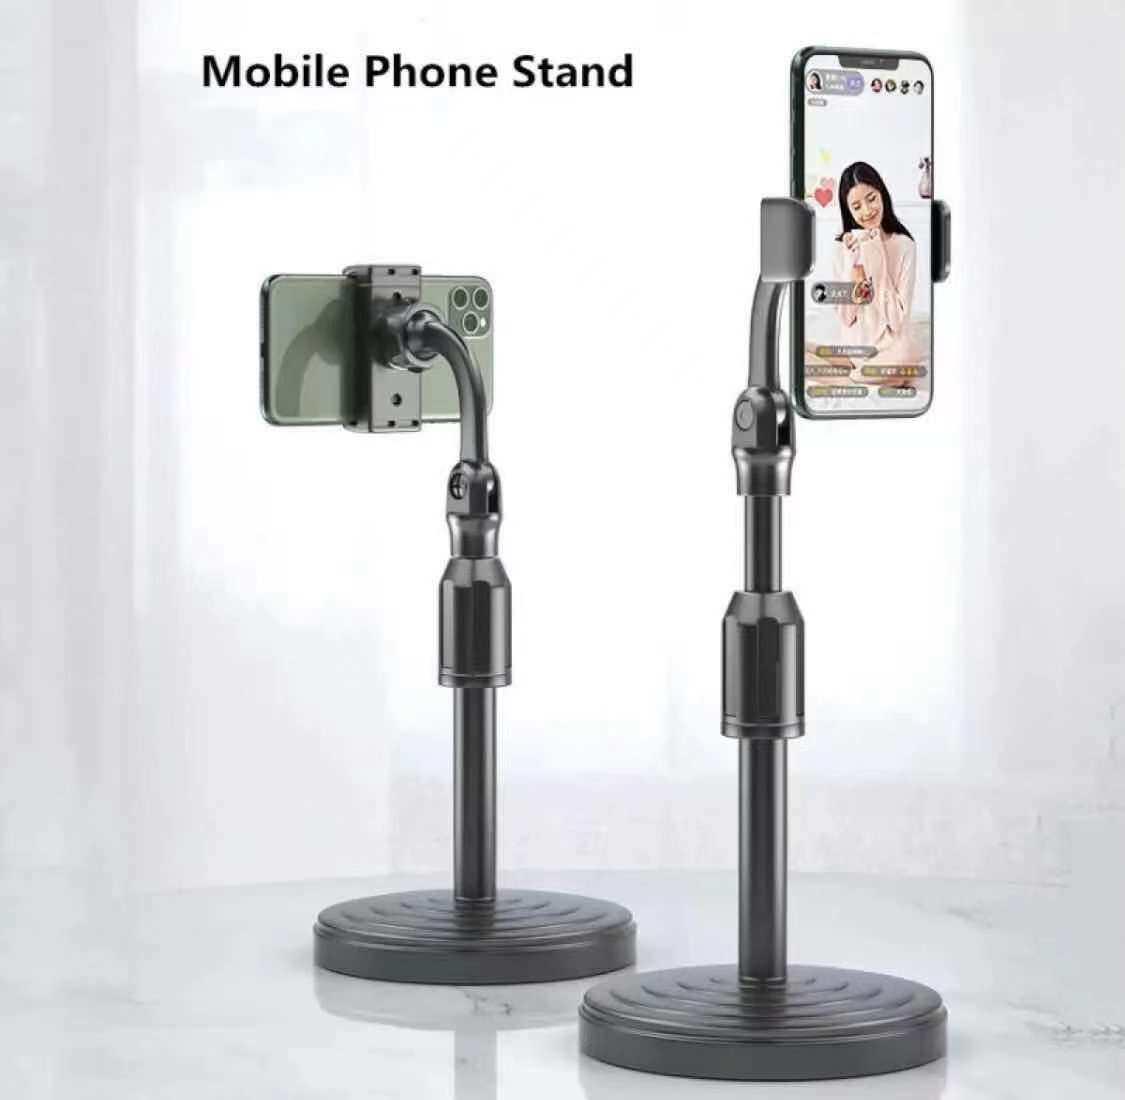 ขาตั้งมือถือ ขาตั้งโทรศัพท์ ที่จับโทรศัพท์ ที่วางโทรศัพท์ Universal Retractable Mobile Phone Holder Desktop ใข้งานง่าย สวดวกพกพา.